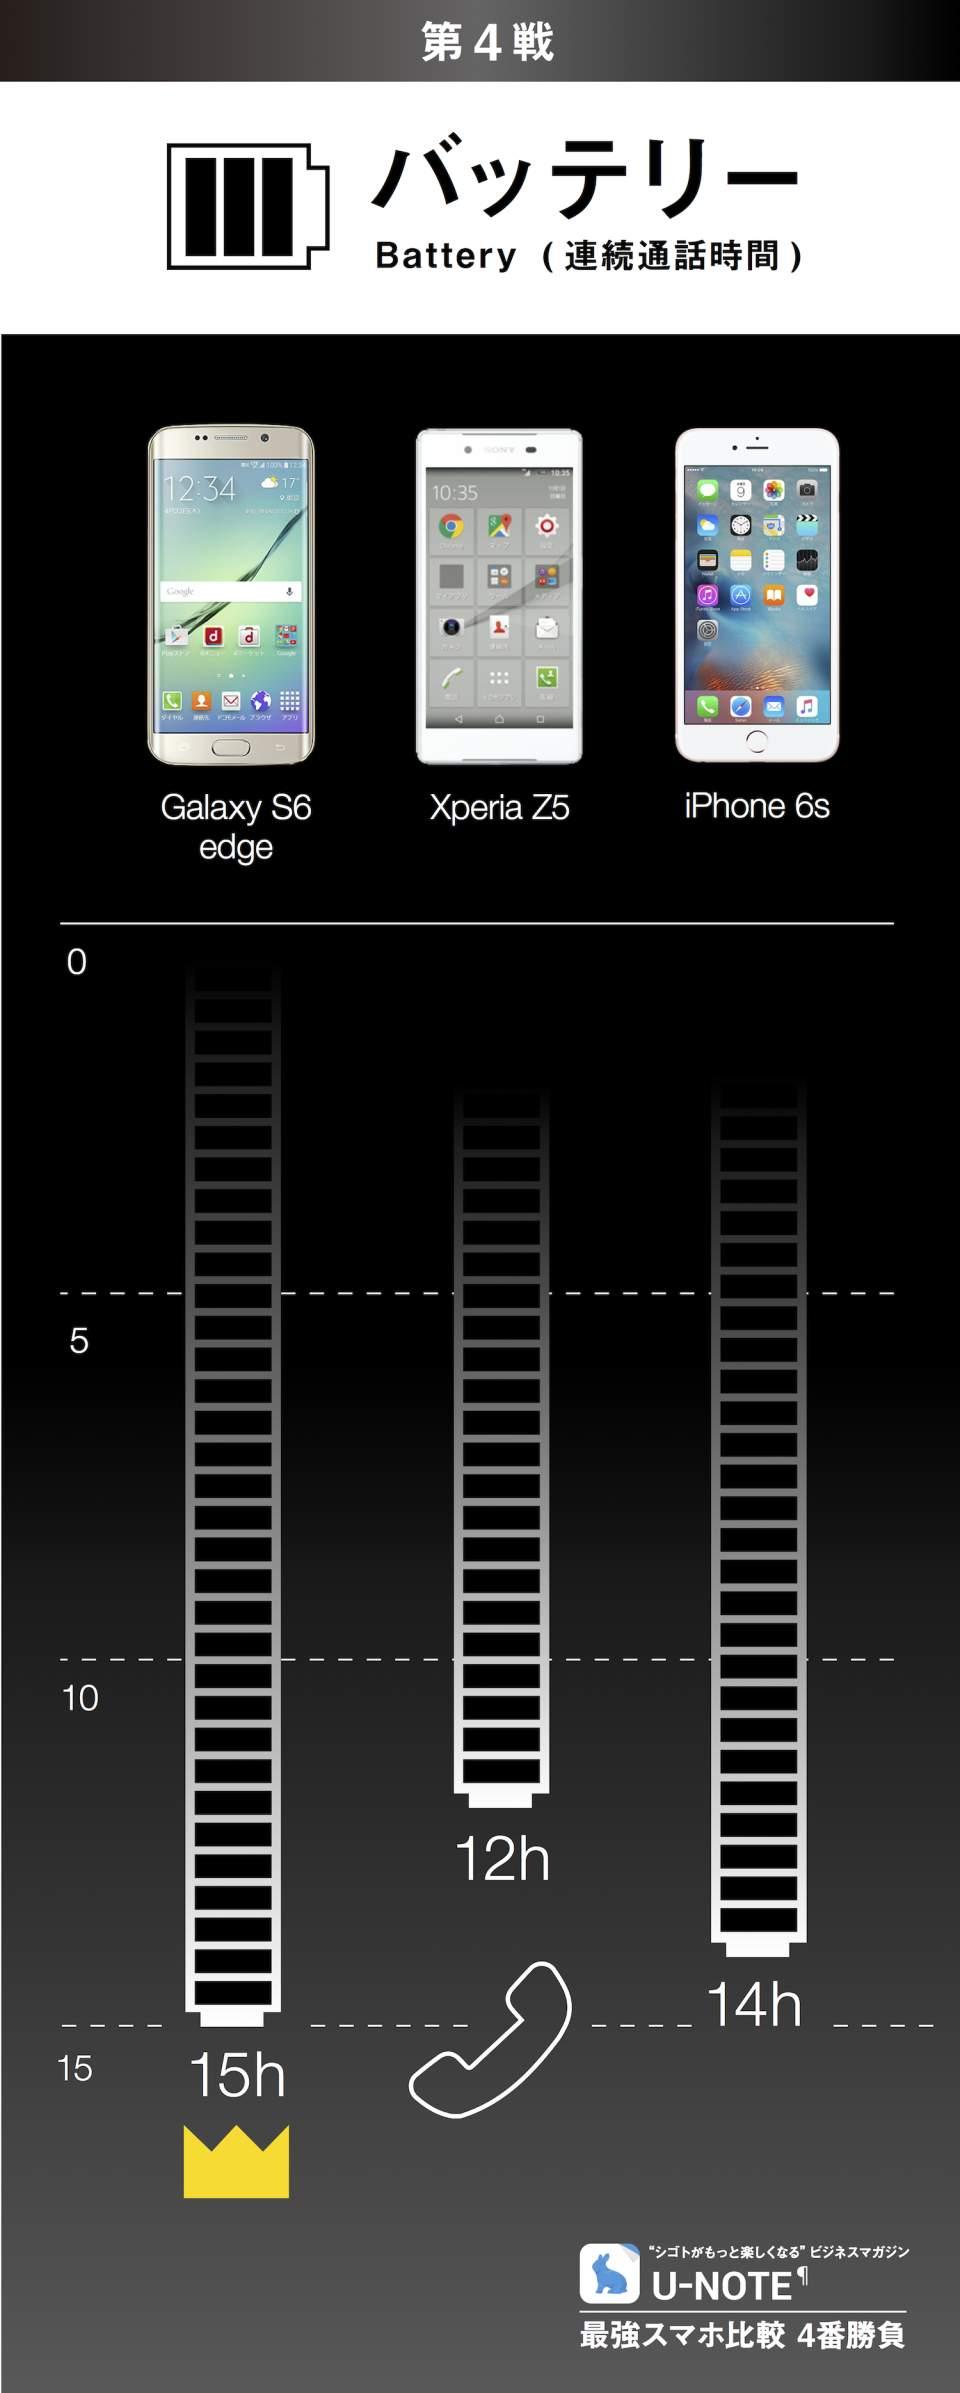 最強スマホ比較 4番勝負:Galaxy S6 edge/Xperia Z5/iPhone 6s 5番目の画像